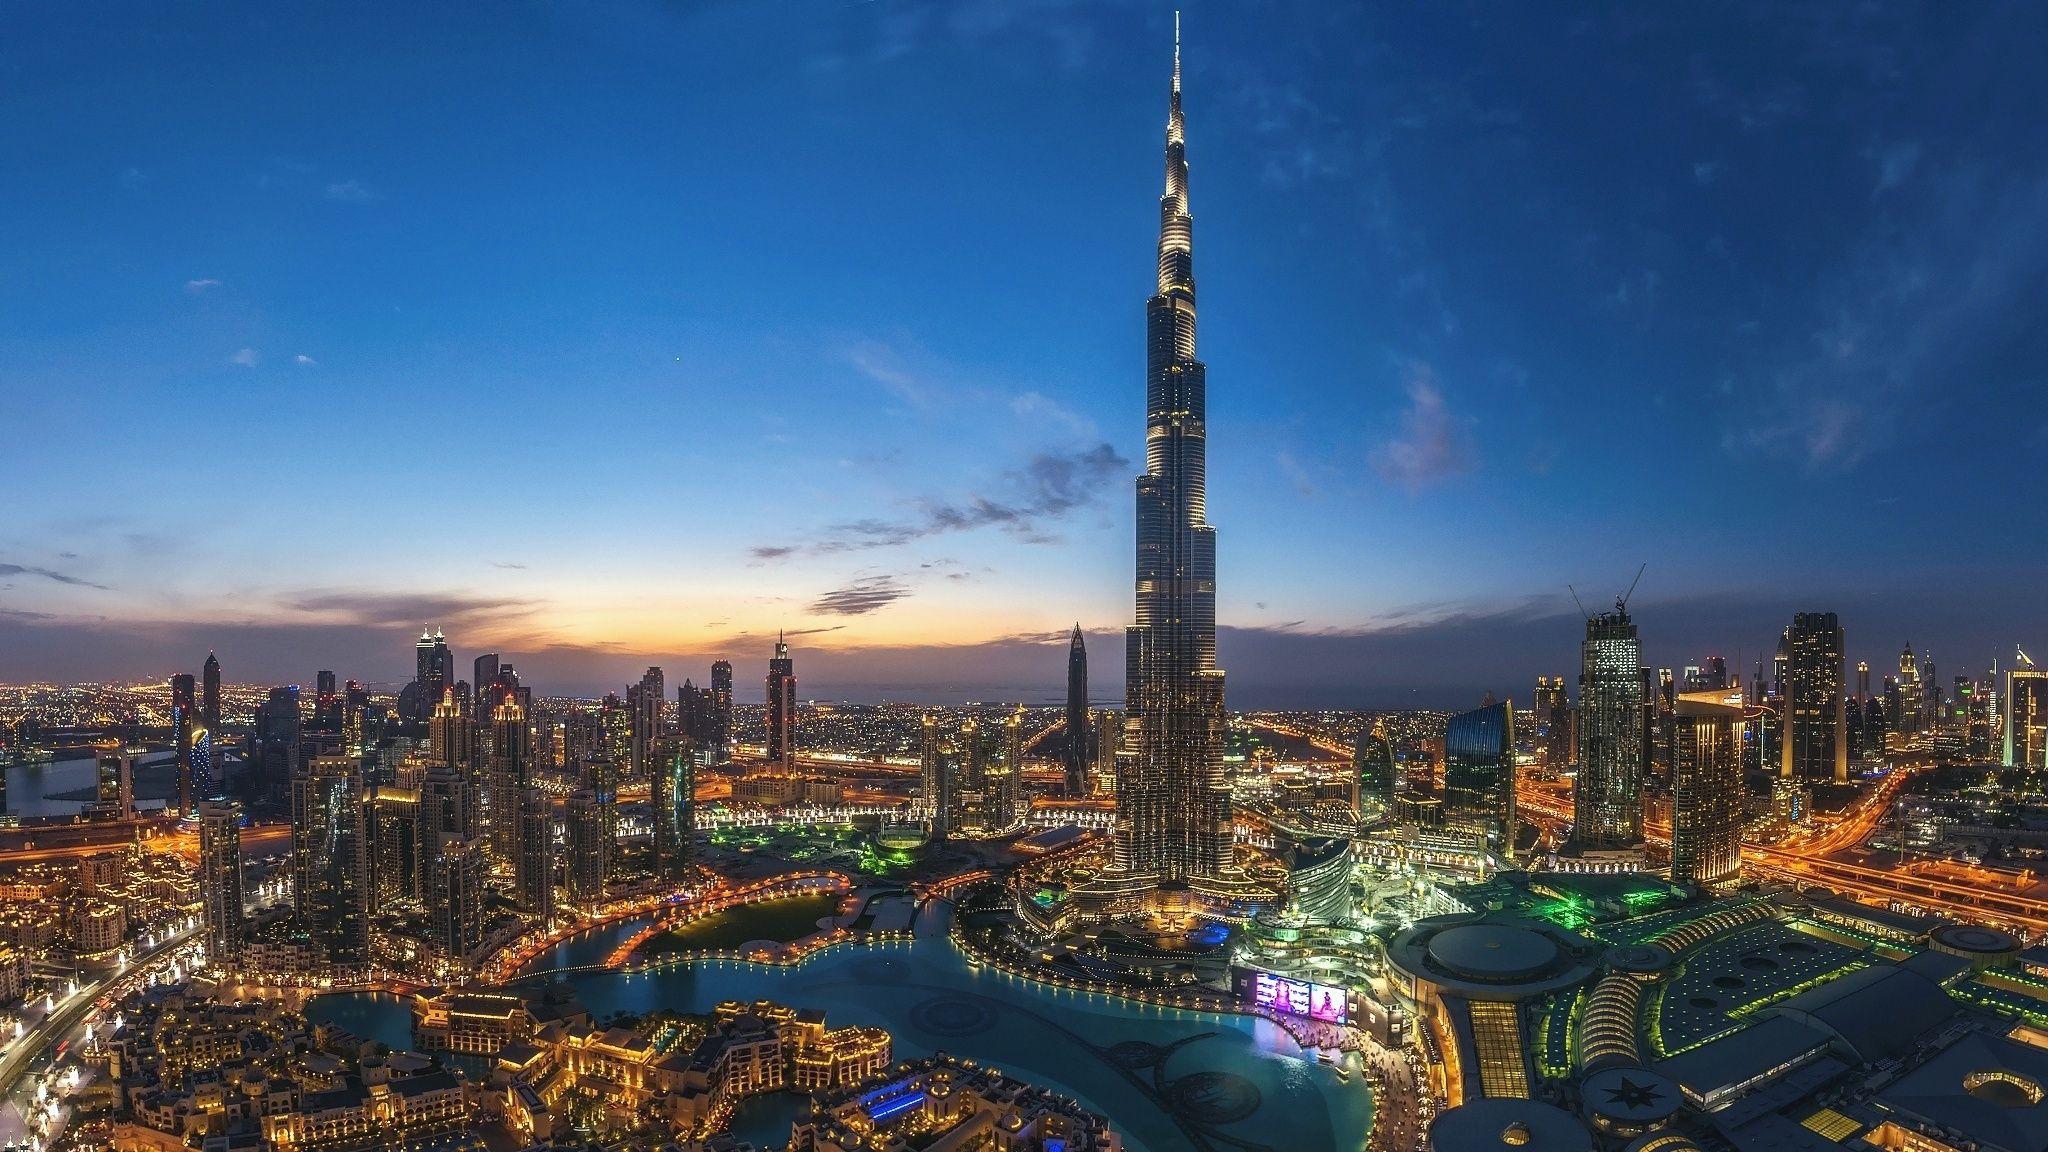 Night Dubai City Burj Khalifa Light Wallpapers 2048x1152 World Wallpaper Lit Wallpaper Summer Wallpaper Burj khalifa night view hd wallpaper